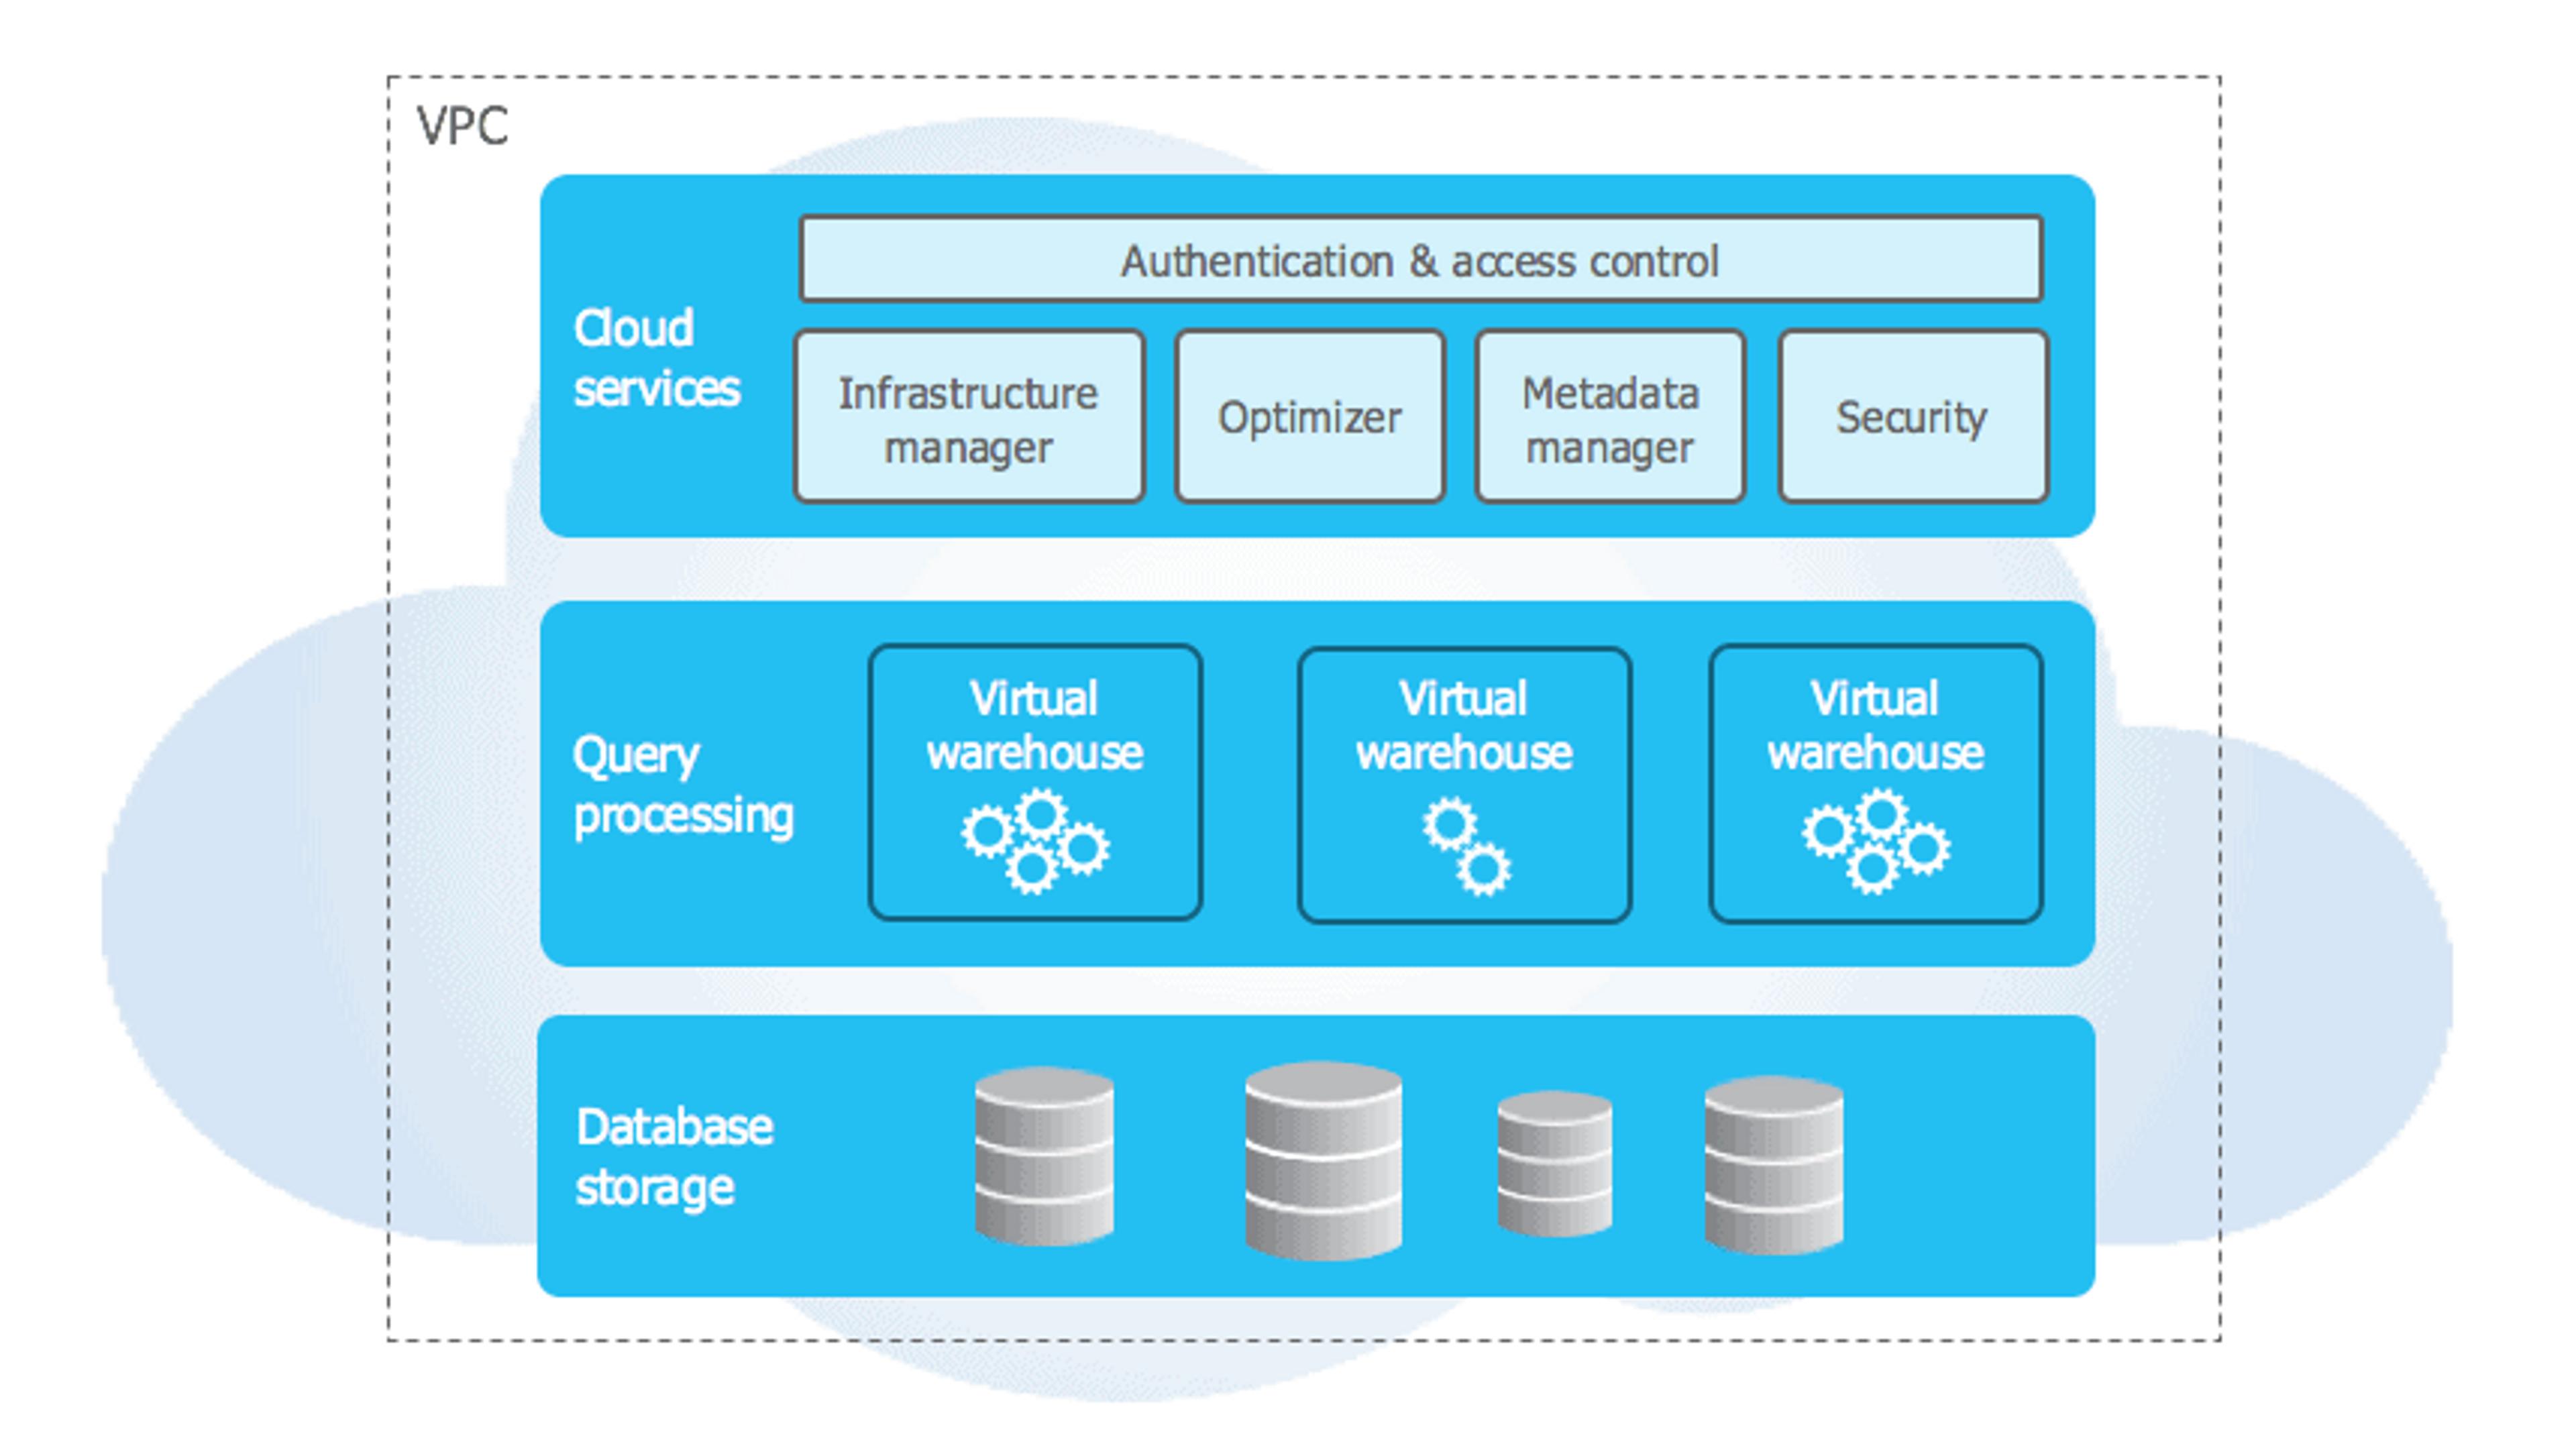 Snowflake distingue 3 couches à son Data Warehouse: Les services cloud, le traitement des requêtes et le stockage des données